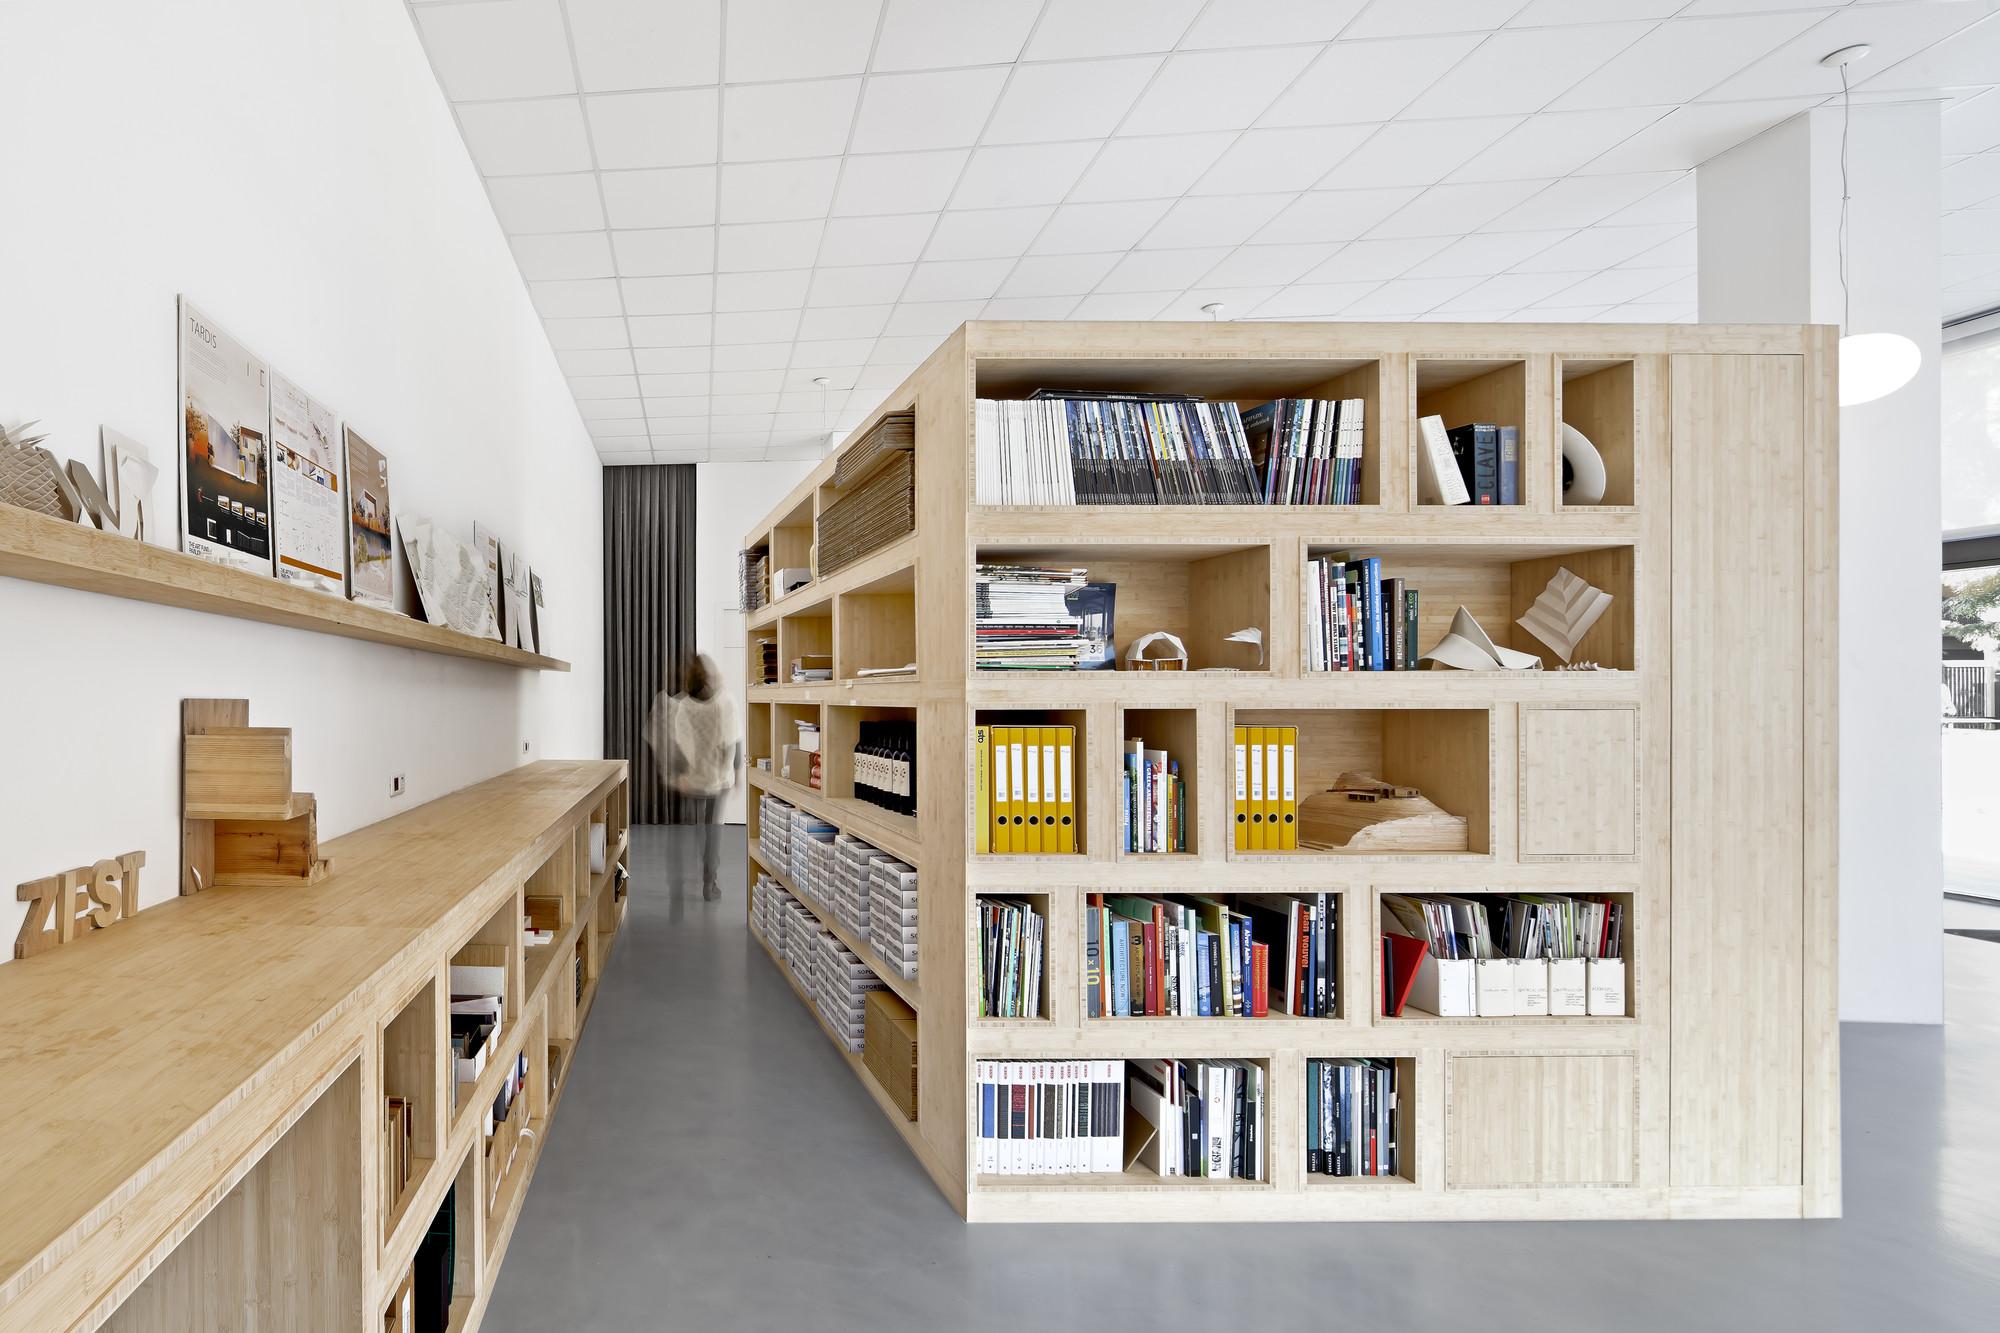 Office Dones del 36 / Zest Architecture, © Adrià Goula